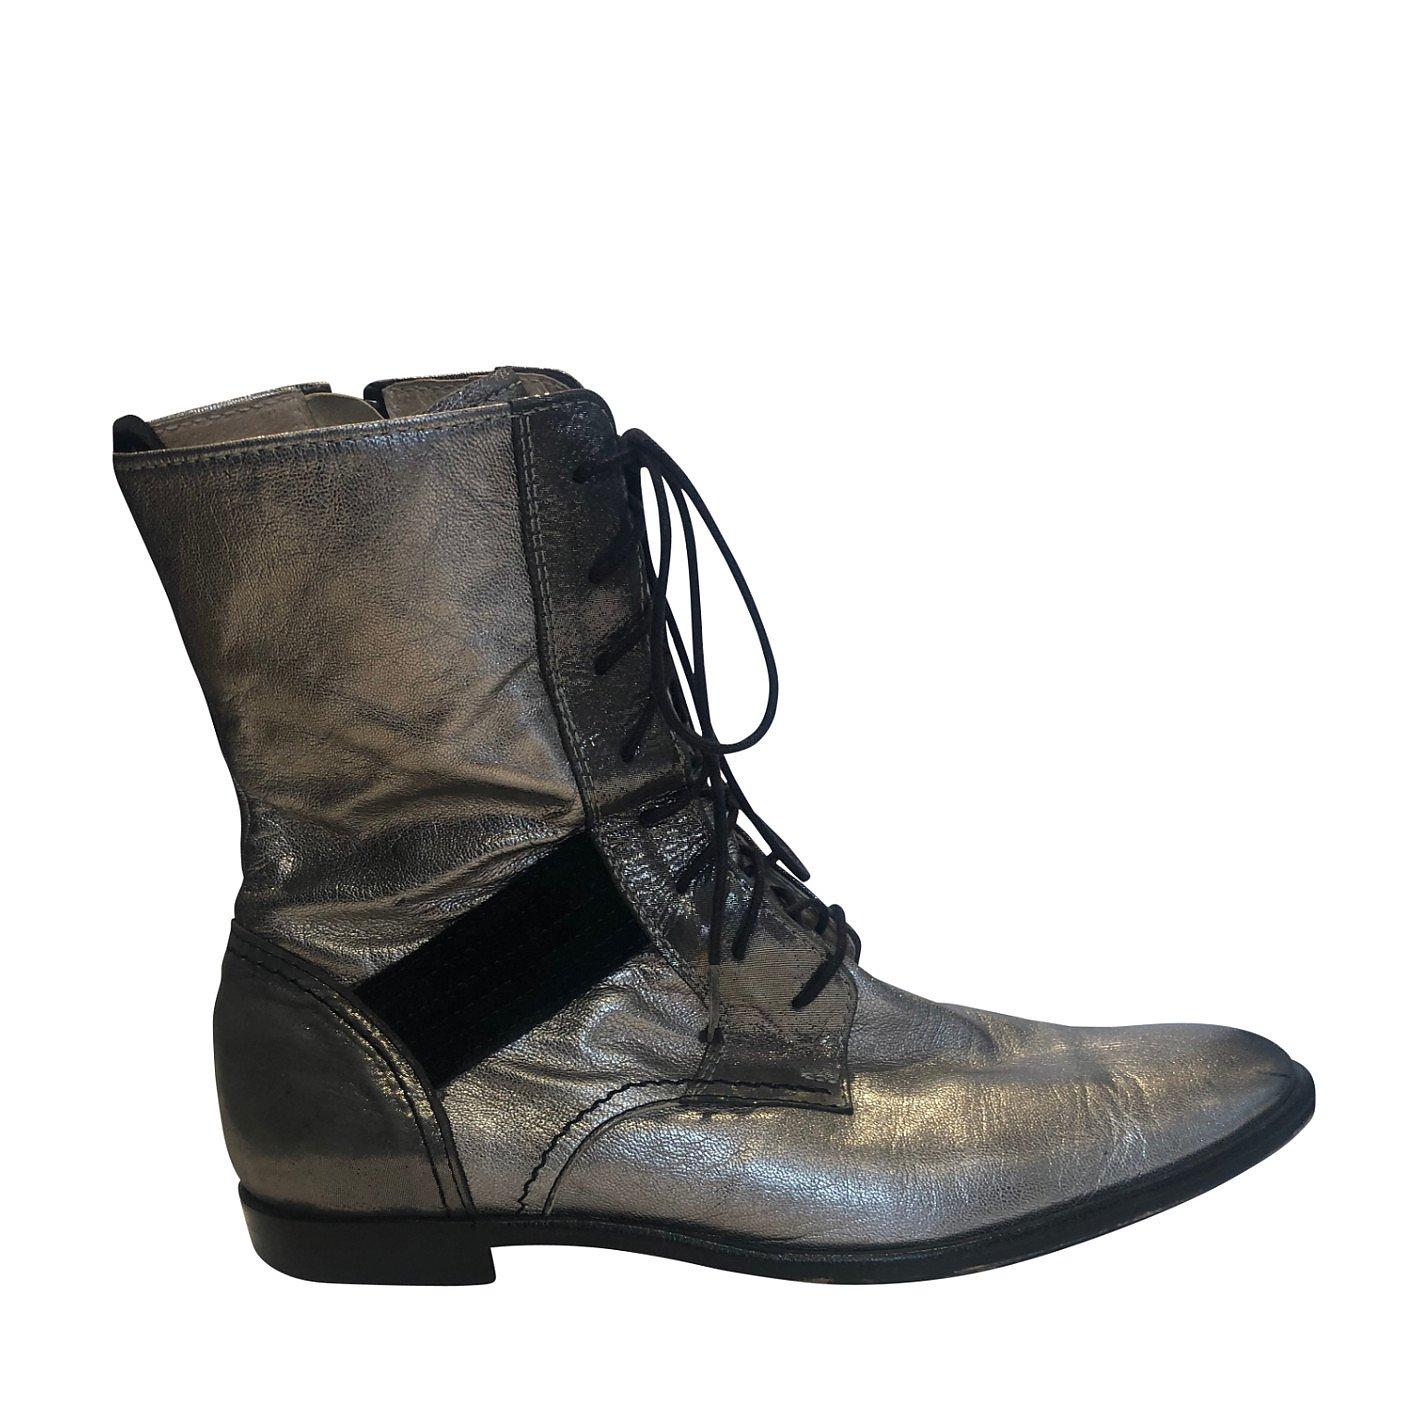 Yohji Yamamoto Metallic Ankle Boots